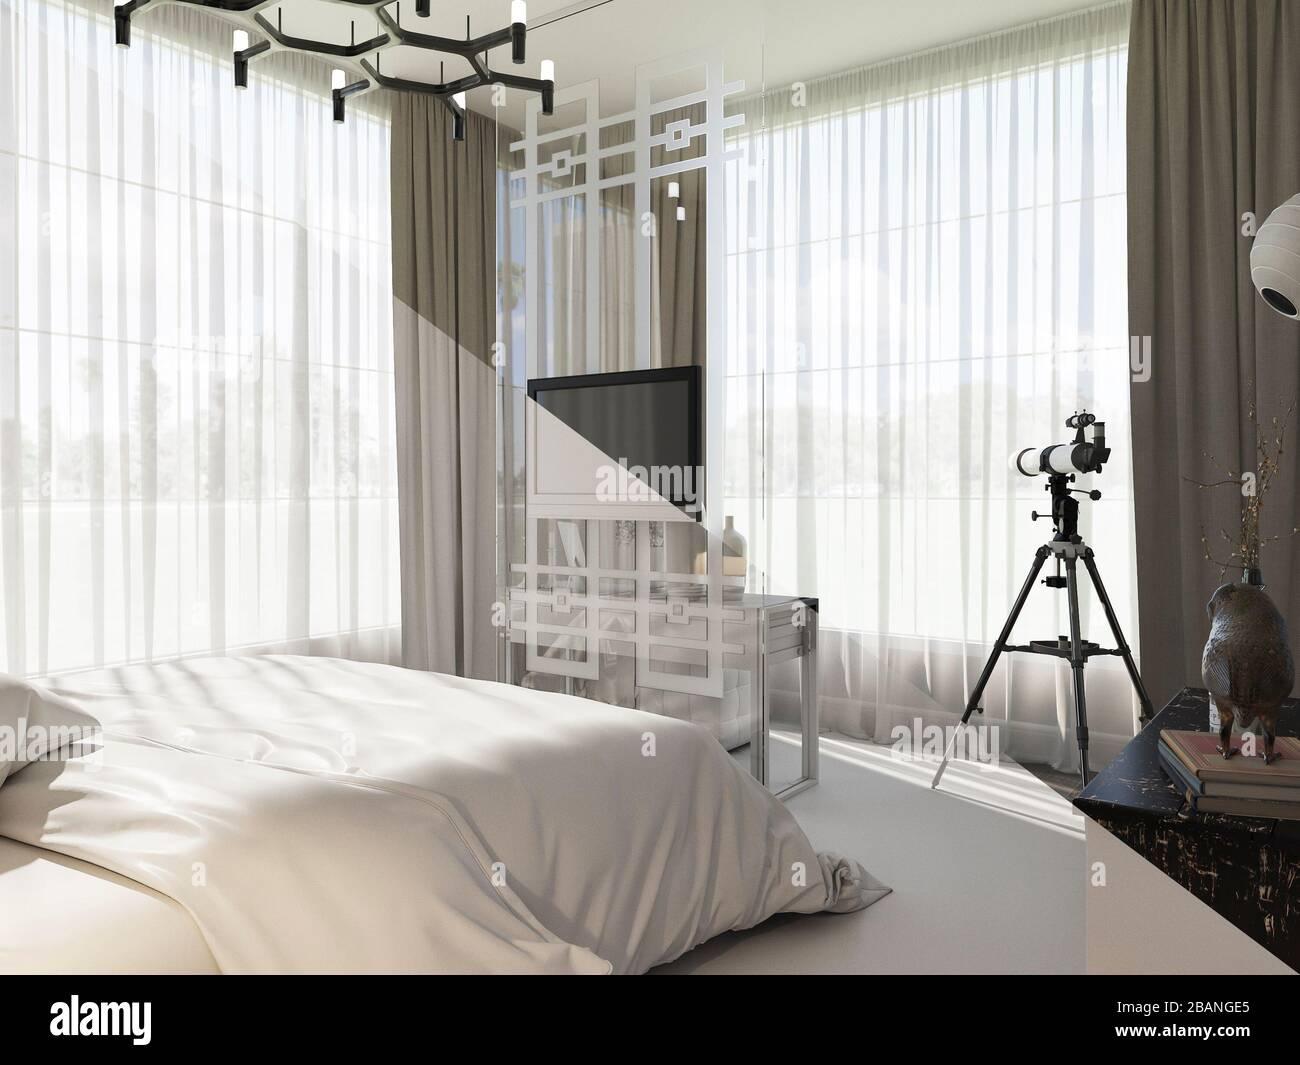 Camera Da Letto In Prospettiva Centrale 3d interior rendering plan view immagini & 3d interior